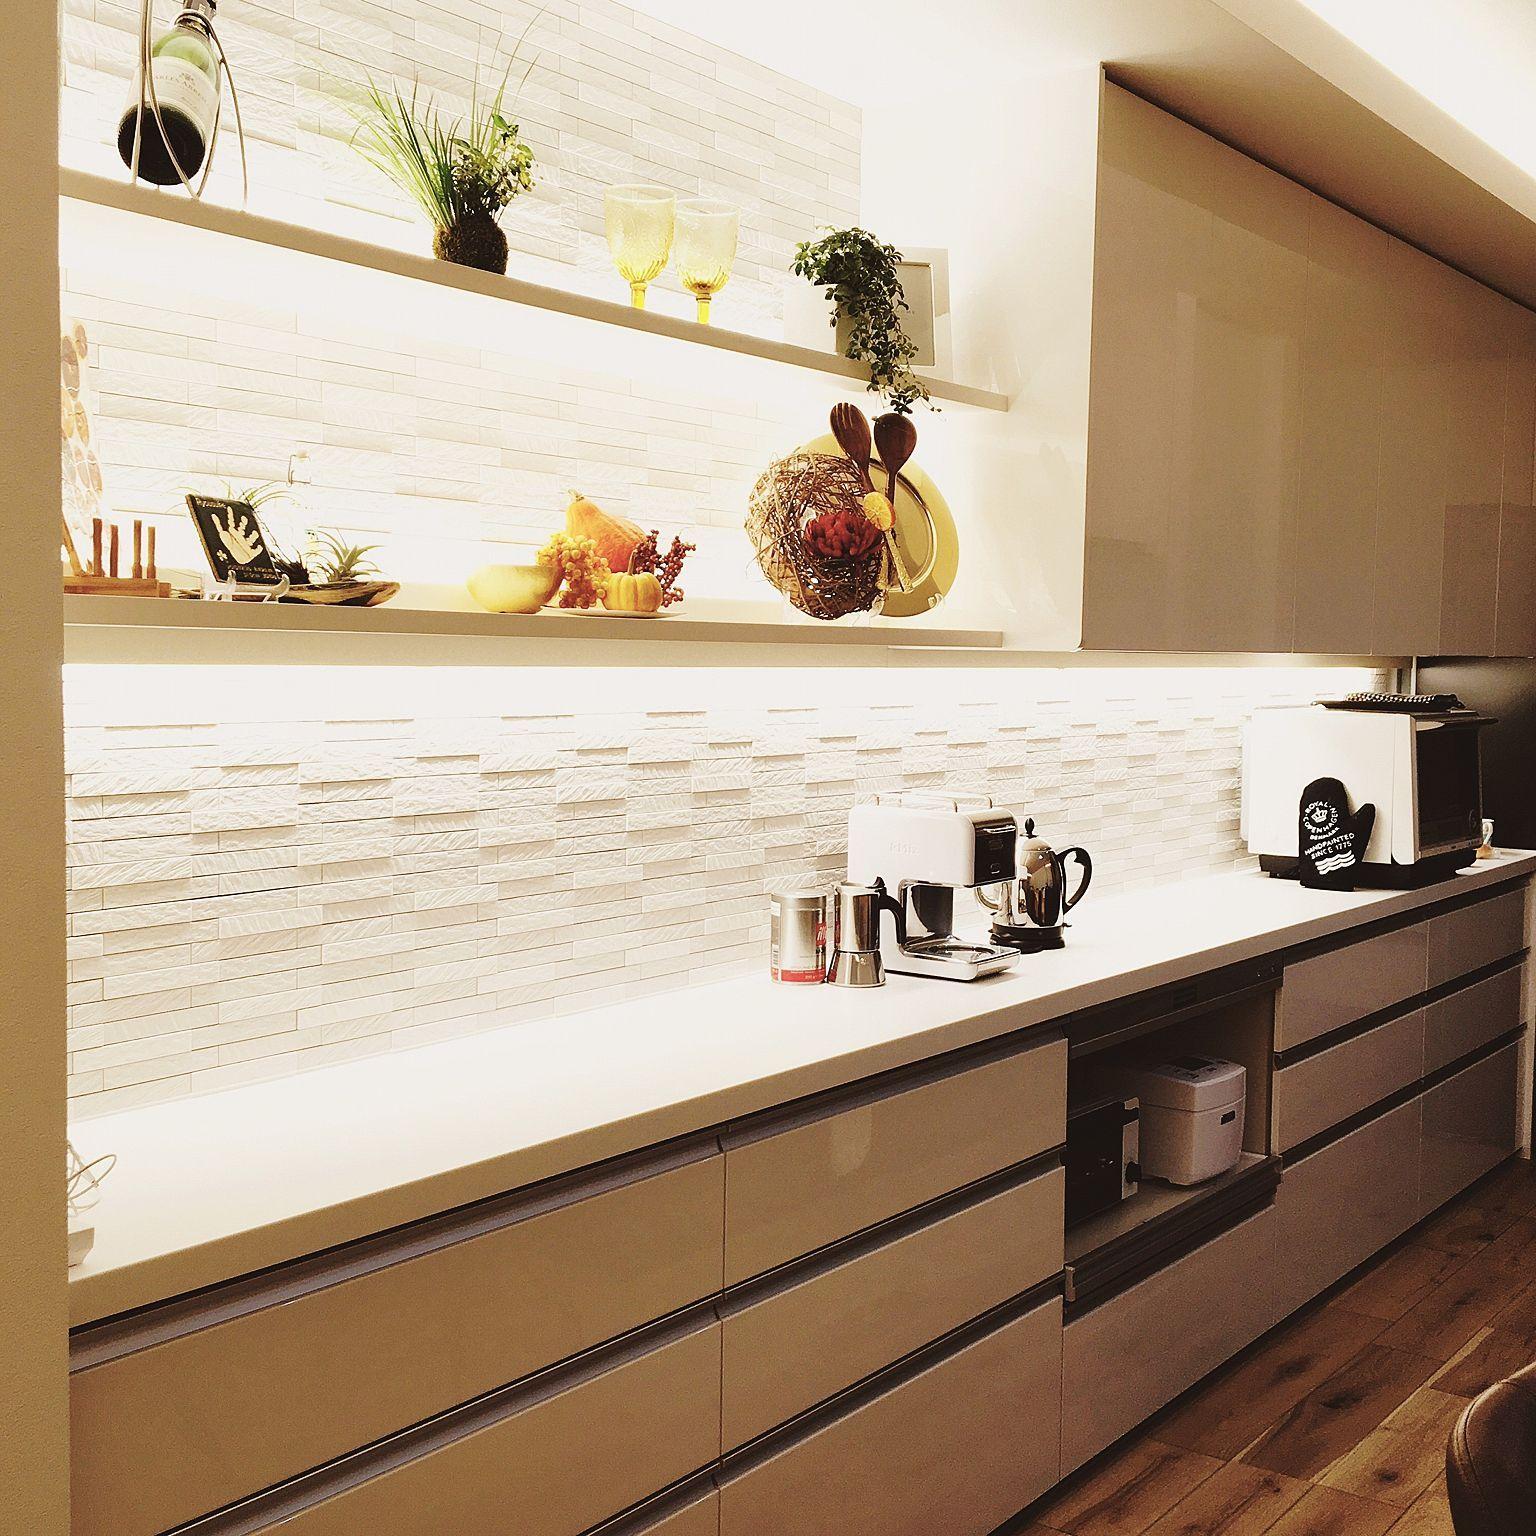 キッチン Lixil エコカラット カップボード グラナスルドラの